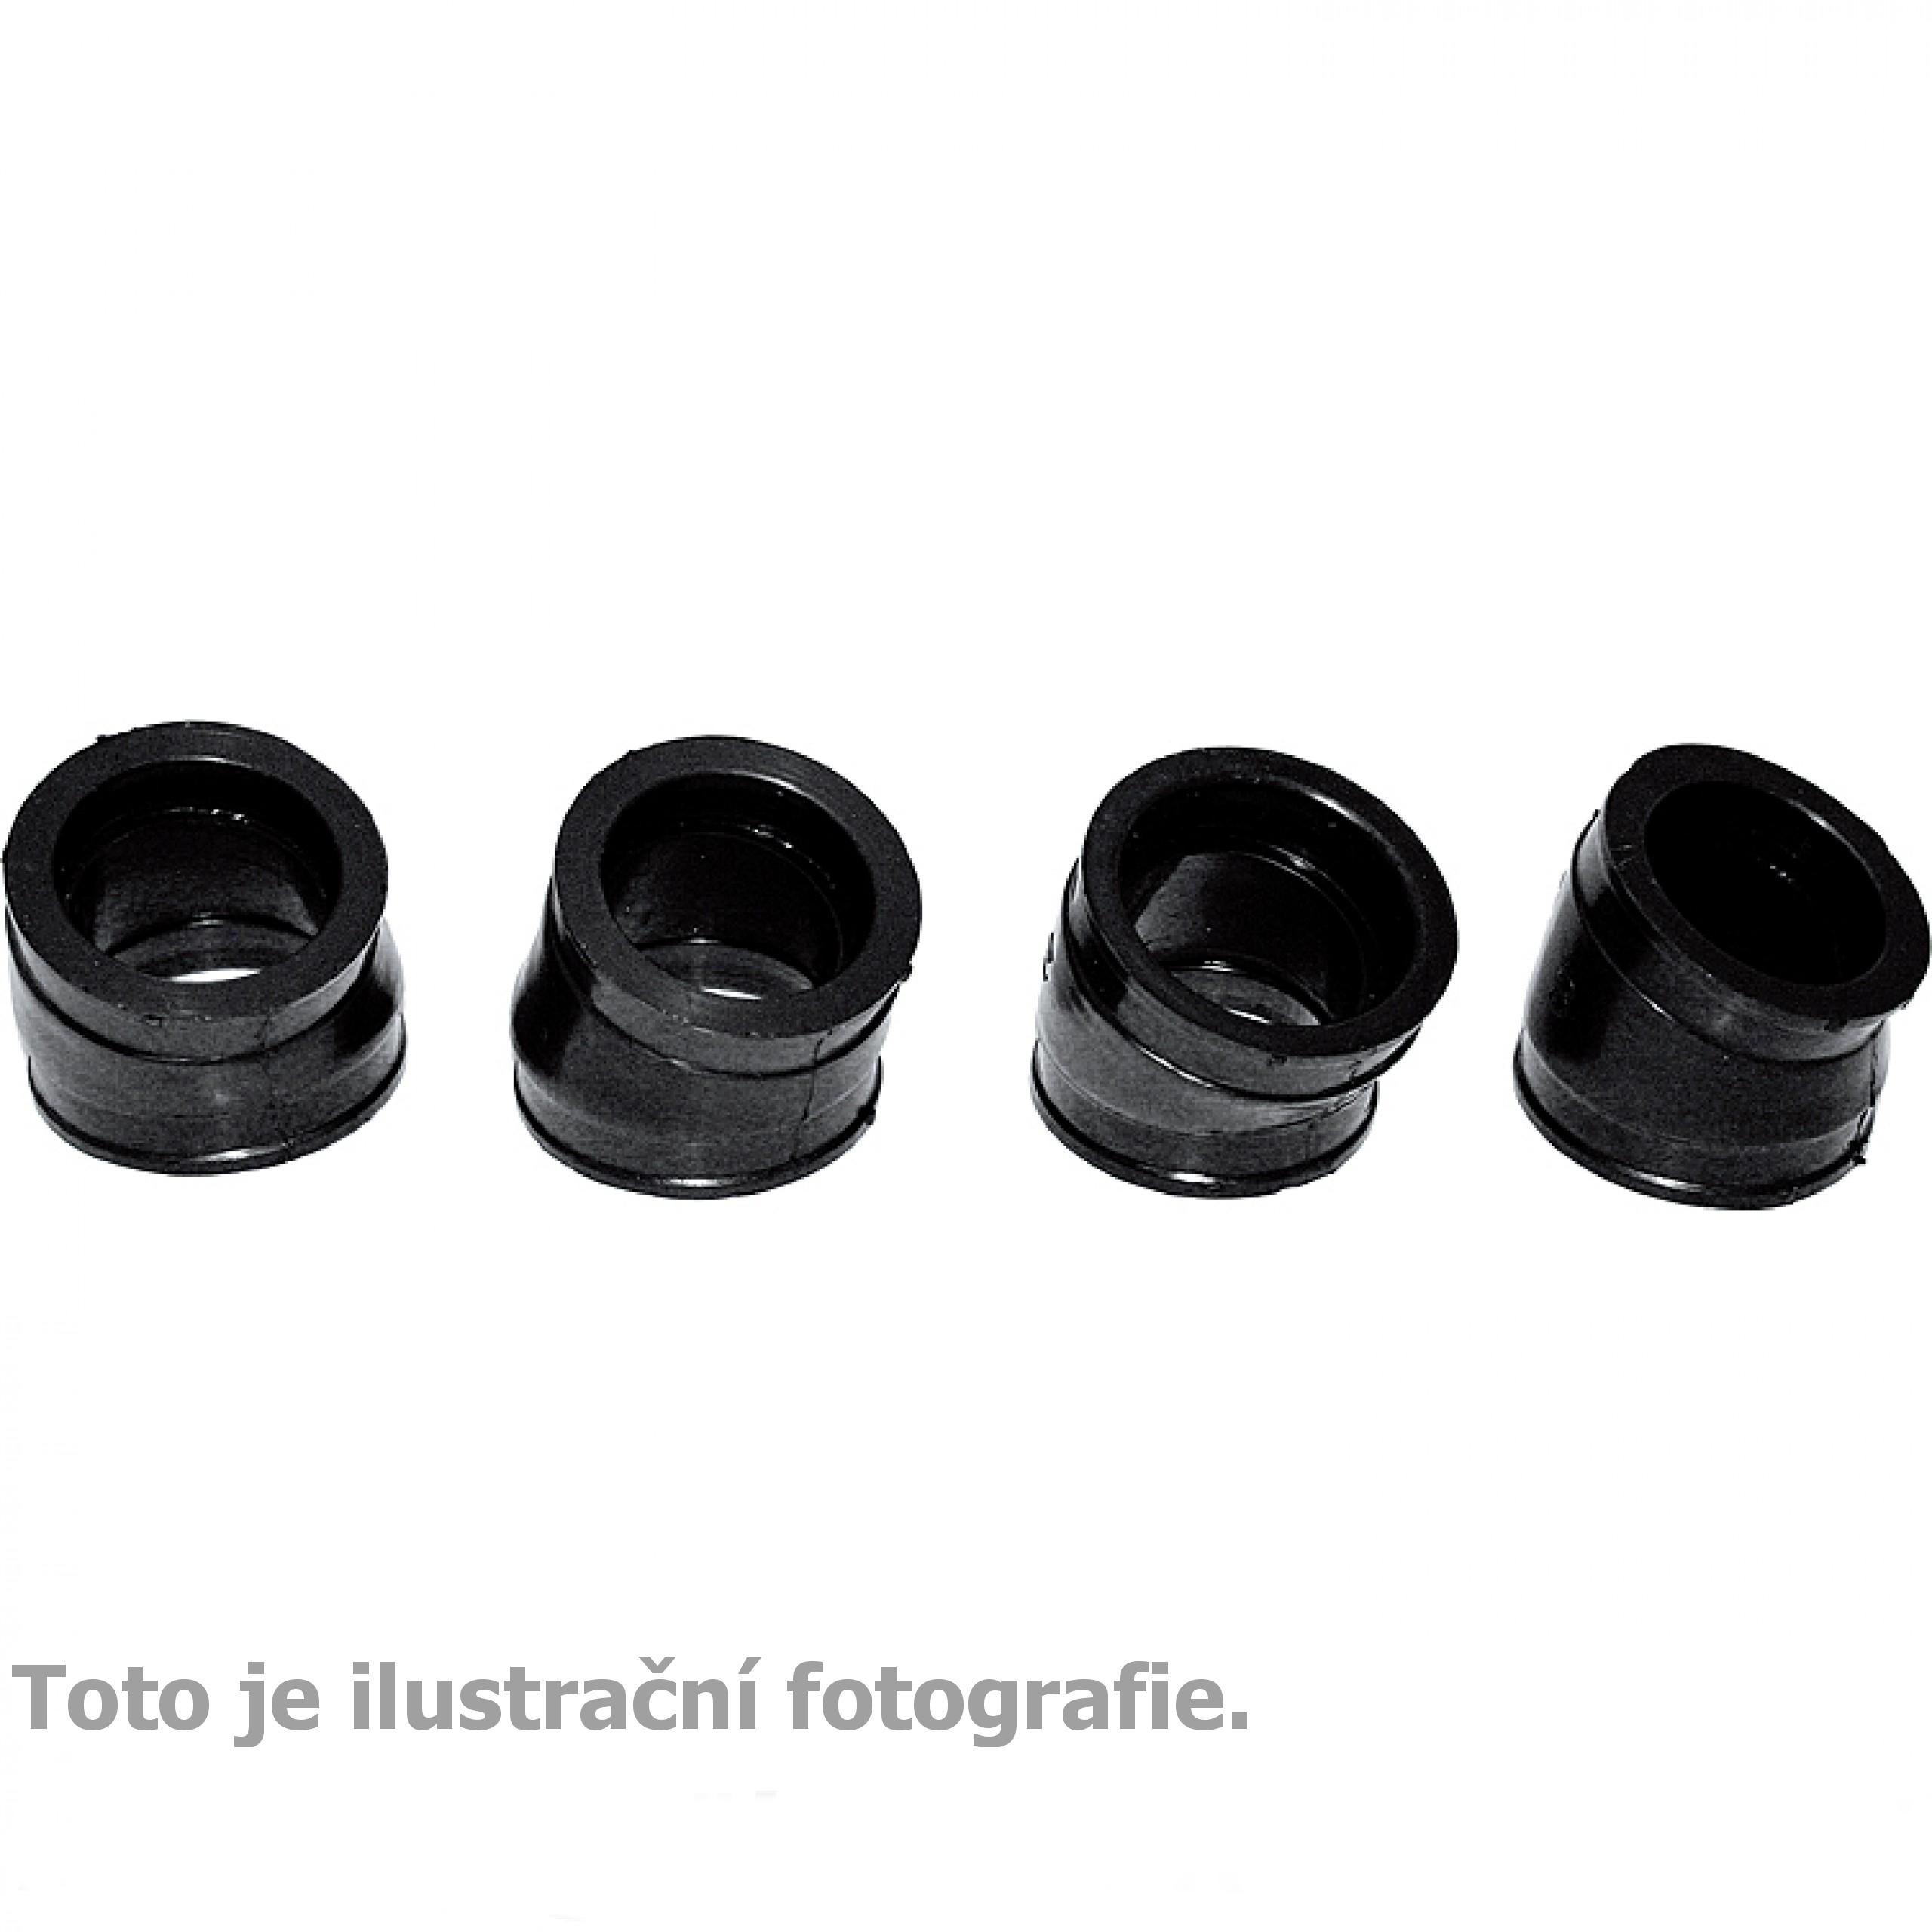 Příruba sání karburátoru CHH-18, Honda VT 600 C, 88-97, VT 750 C, 97-02, XL 600 V, 88-99, XRV 650, 88-89, XL 650 V, 00-05